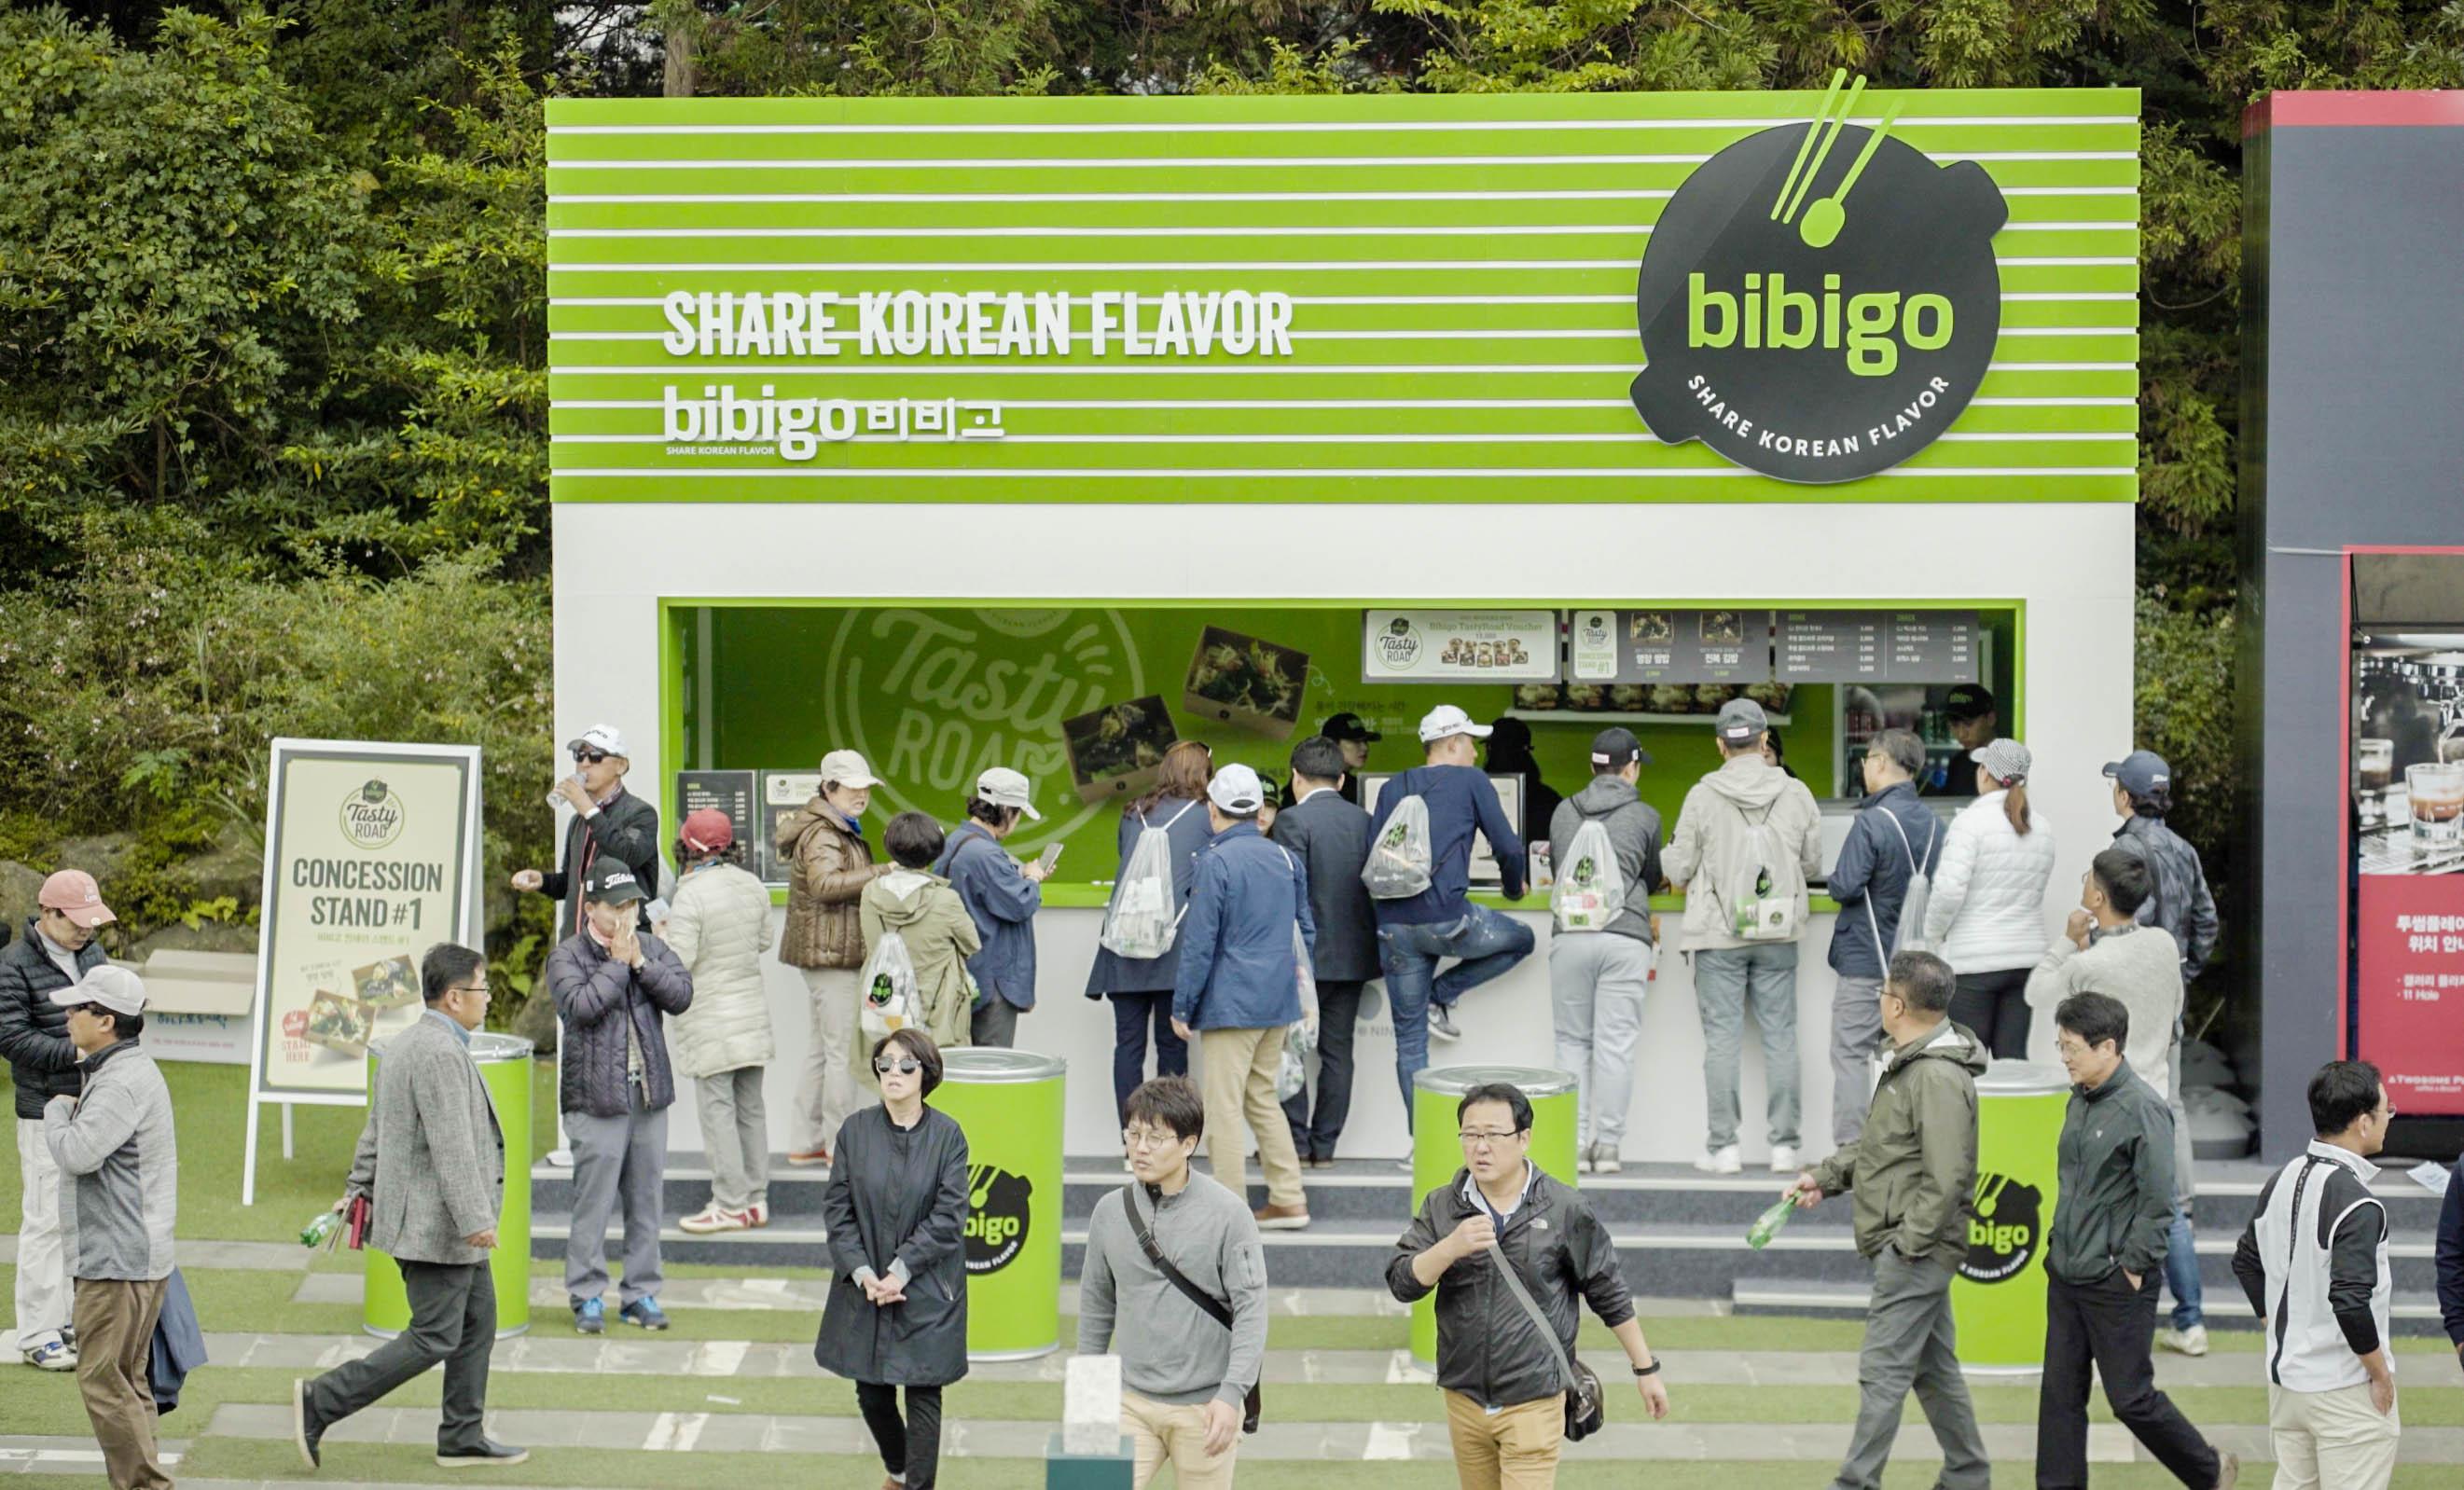 CJ Cheiljedang, Main Sponsor of CJ Cup 2018 to Publicize Bibigo